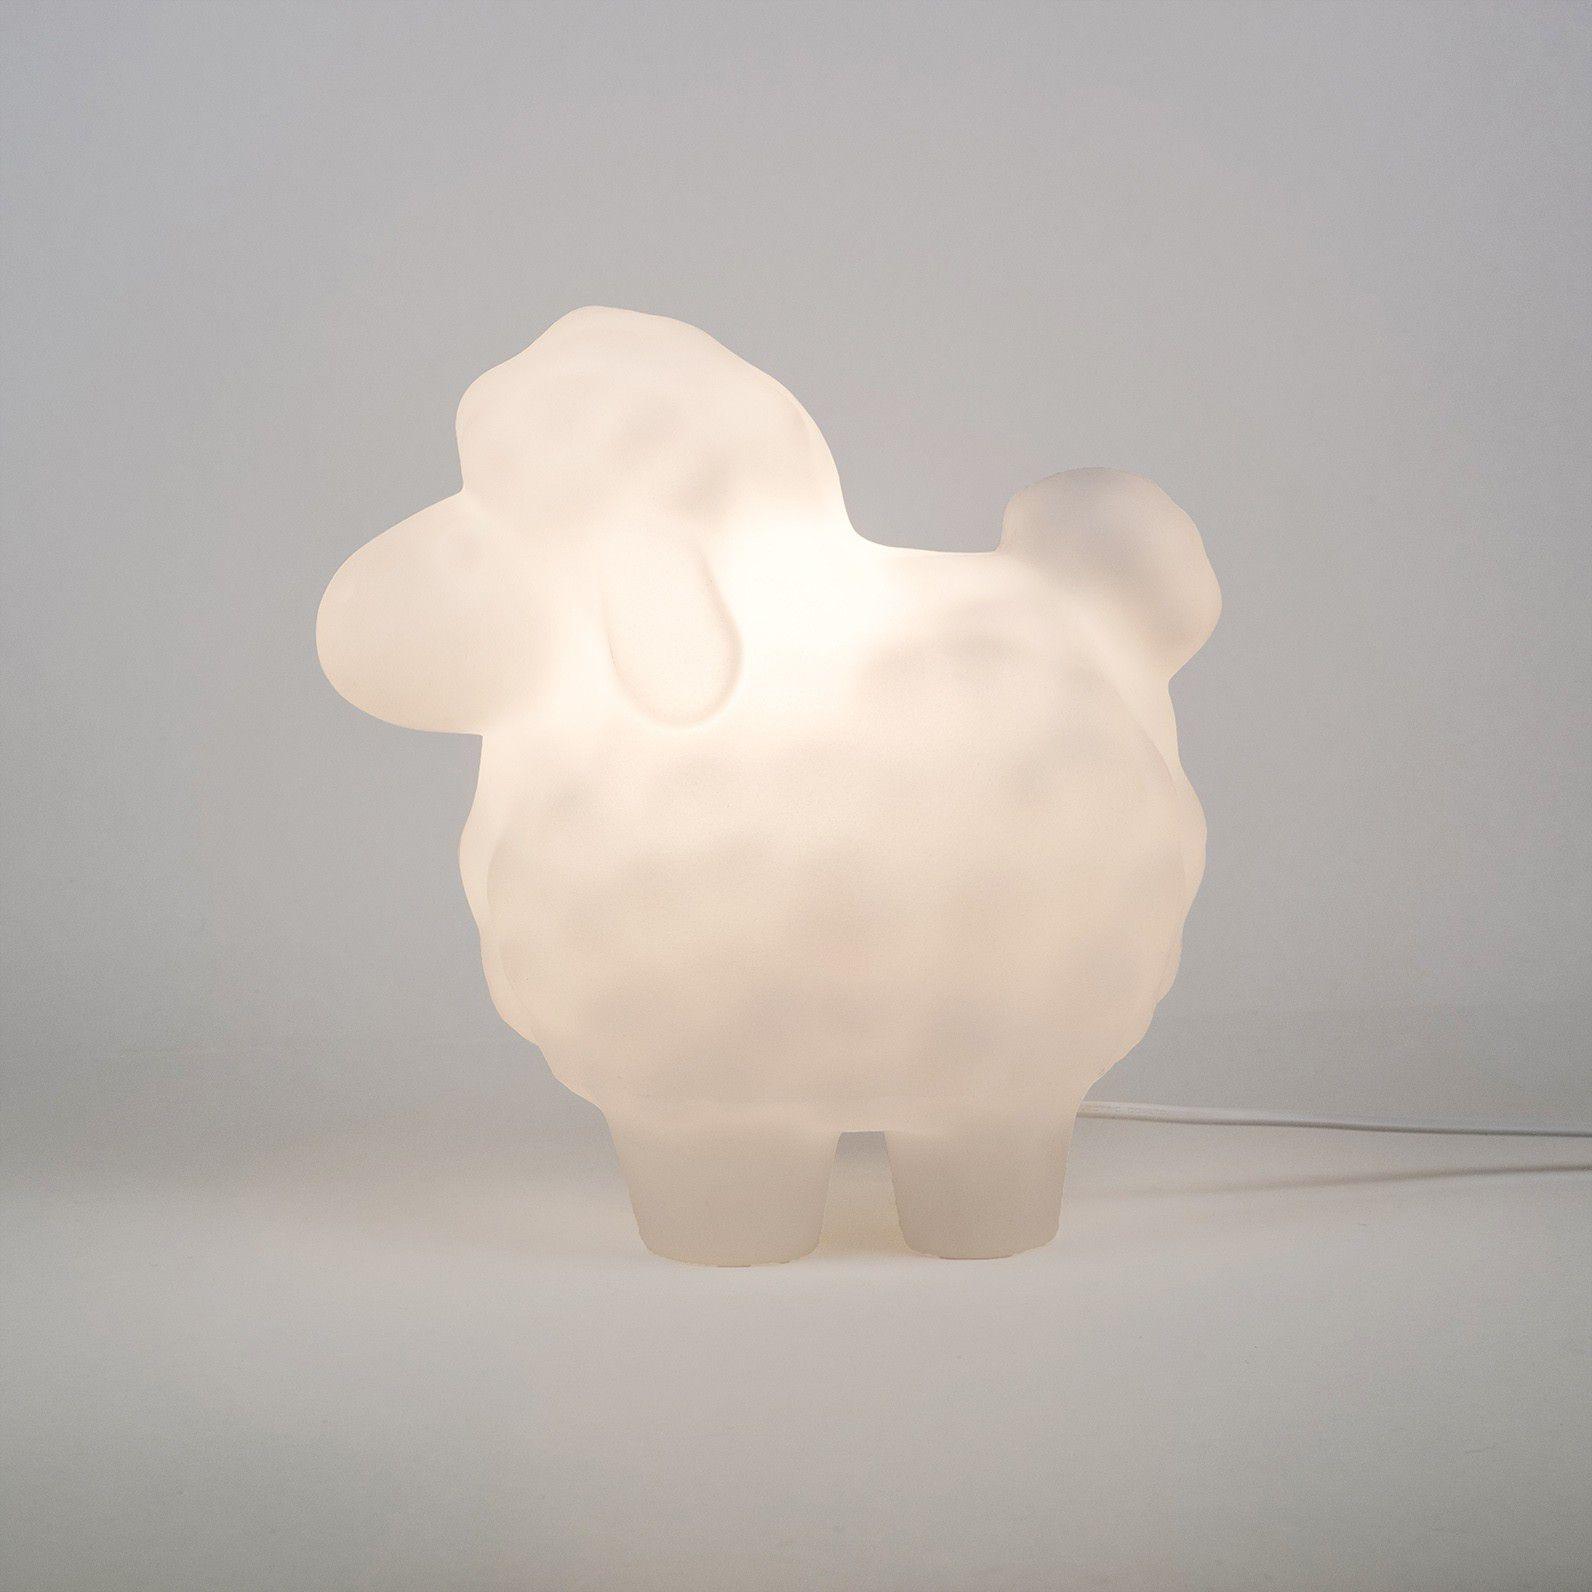 -Luminária - Ovelhinha branca